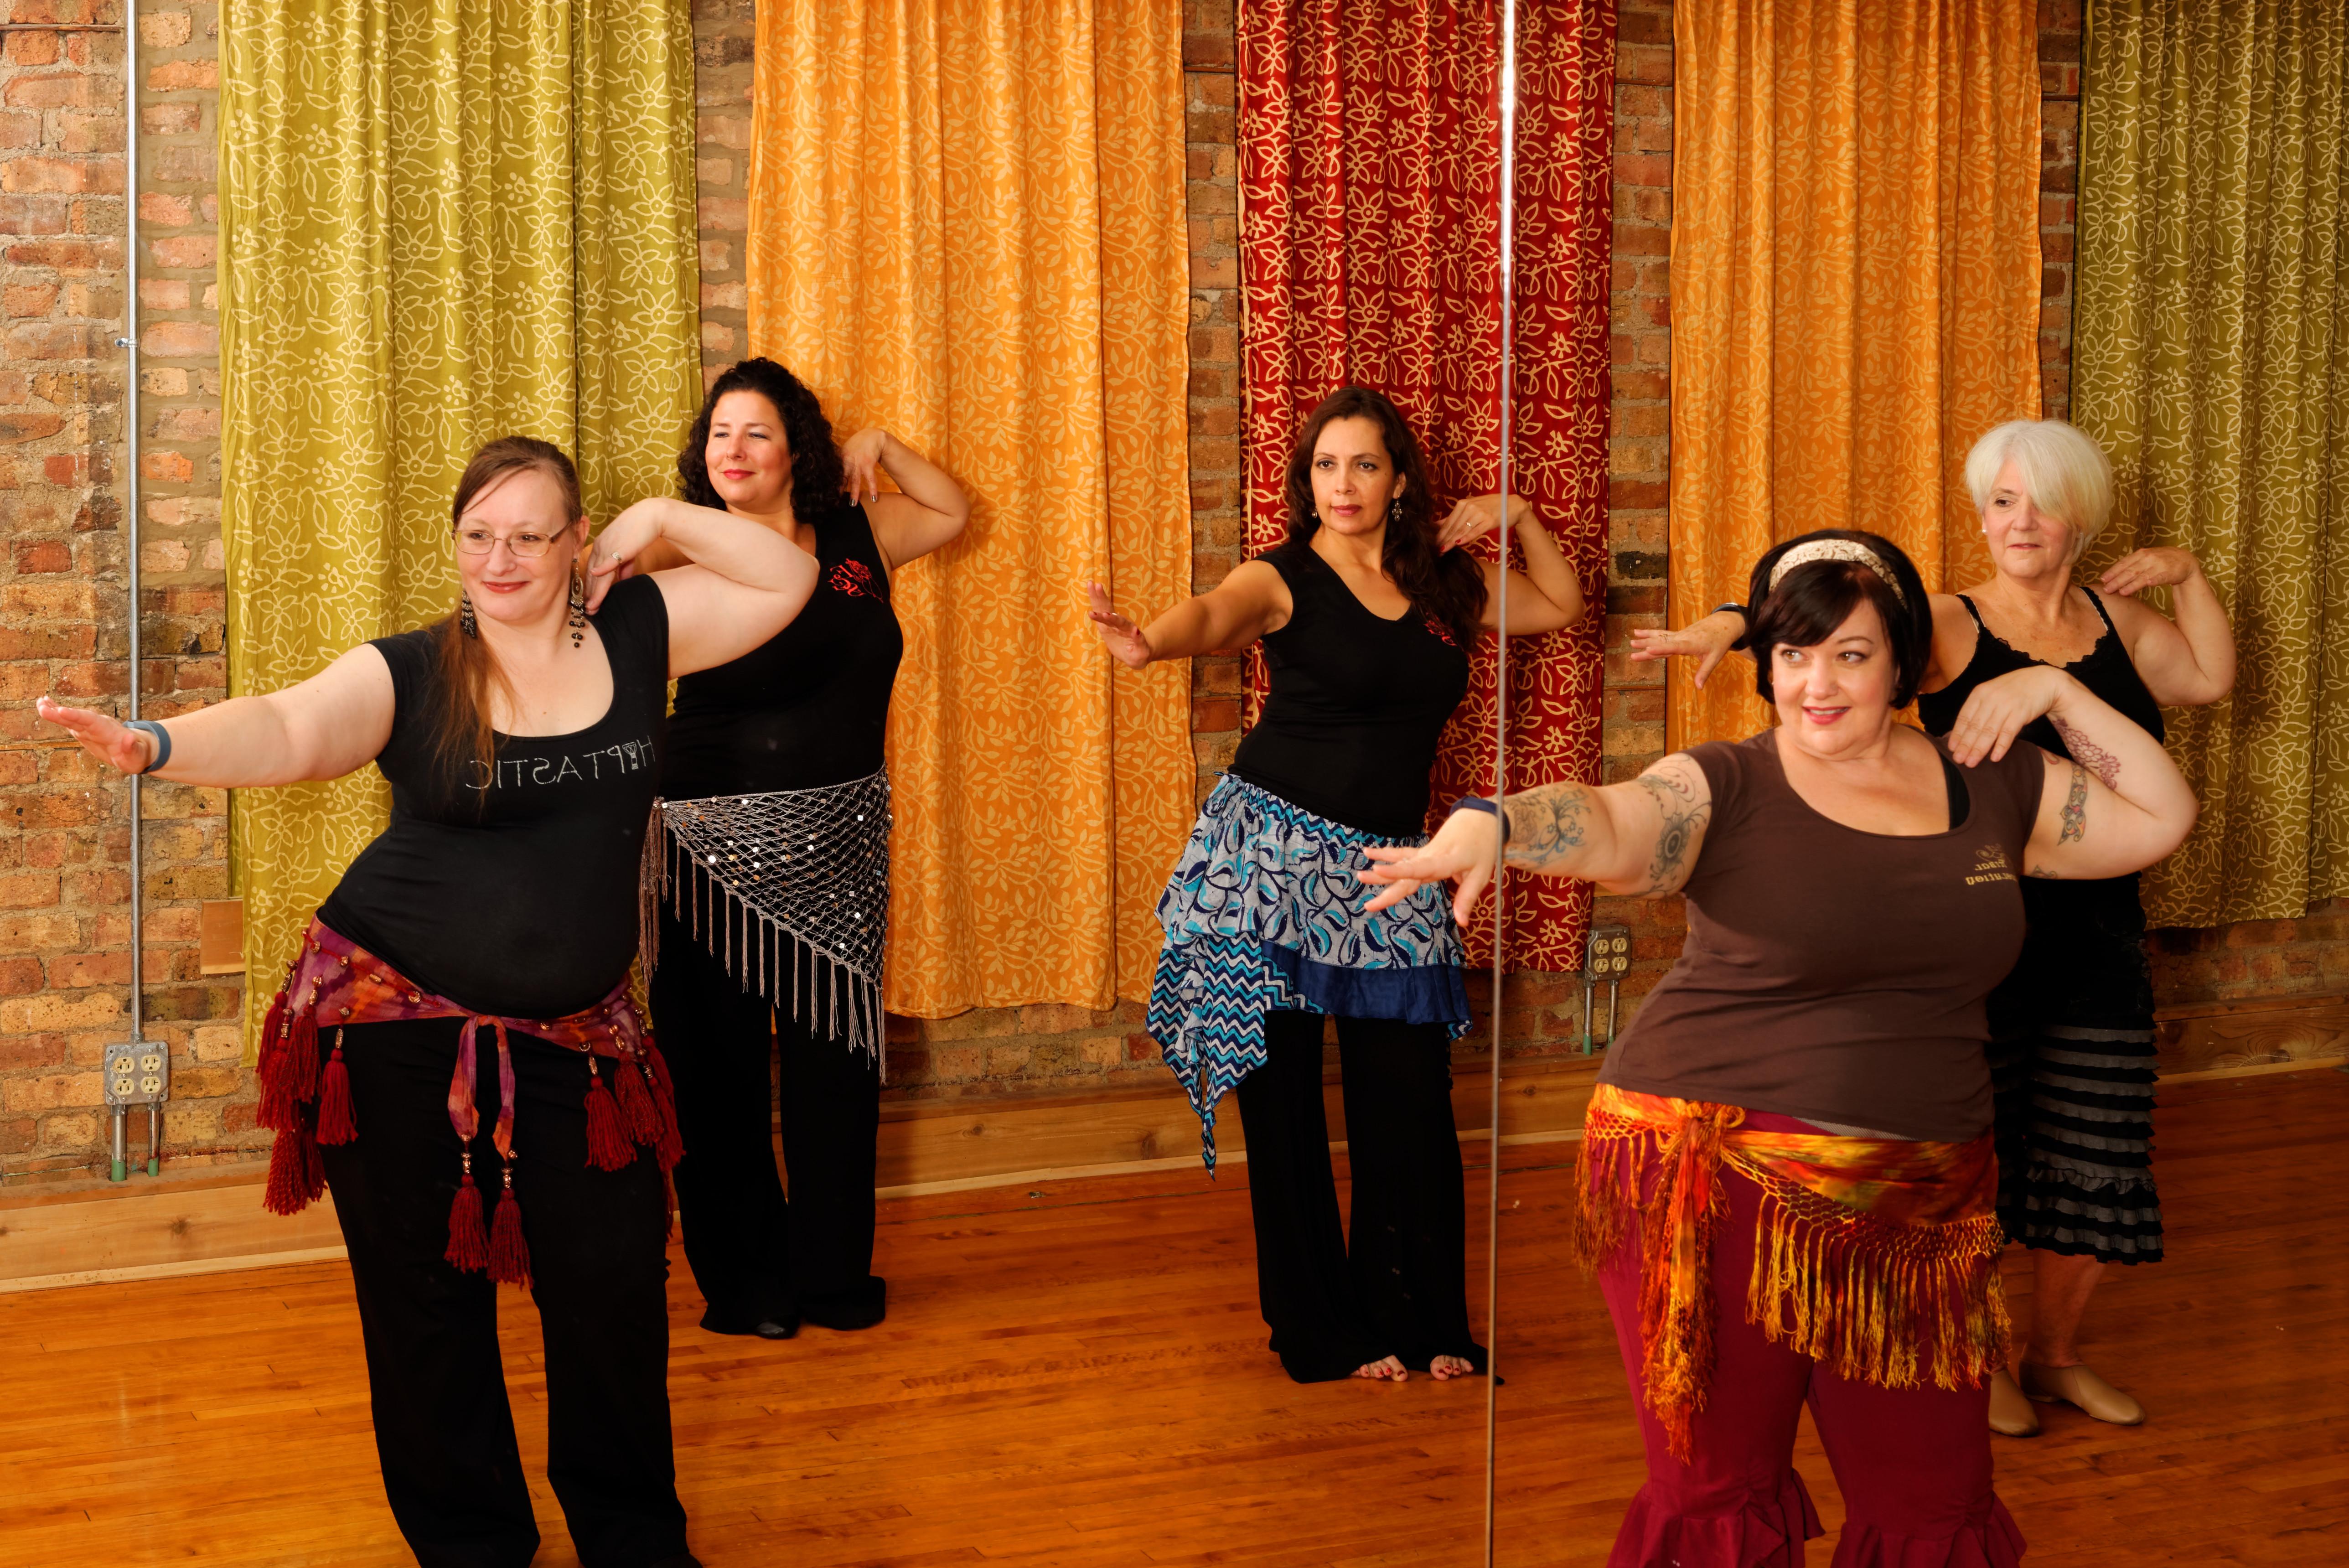 Dancers enjoying a belly dance class